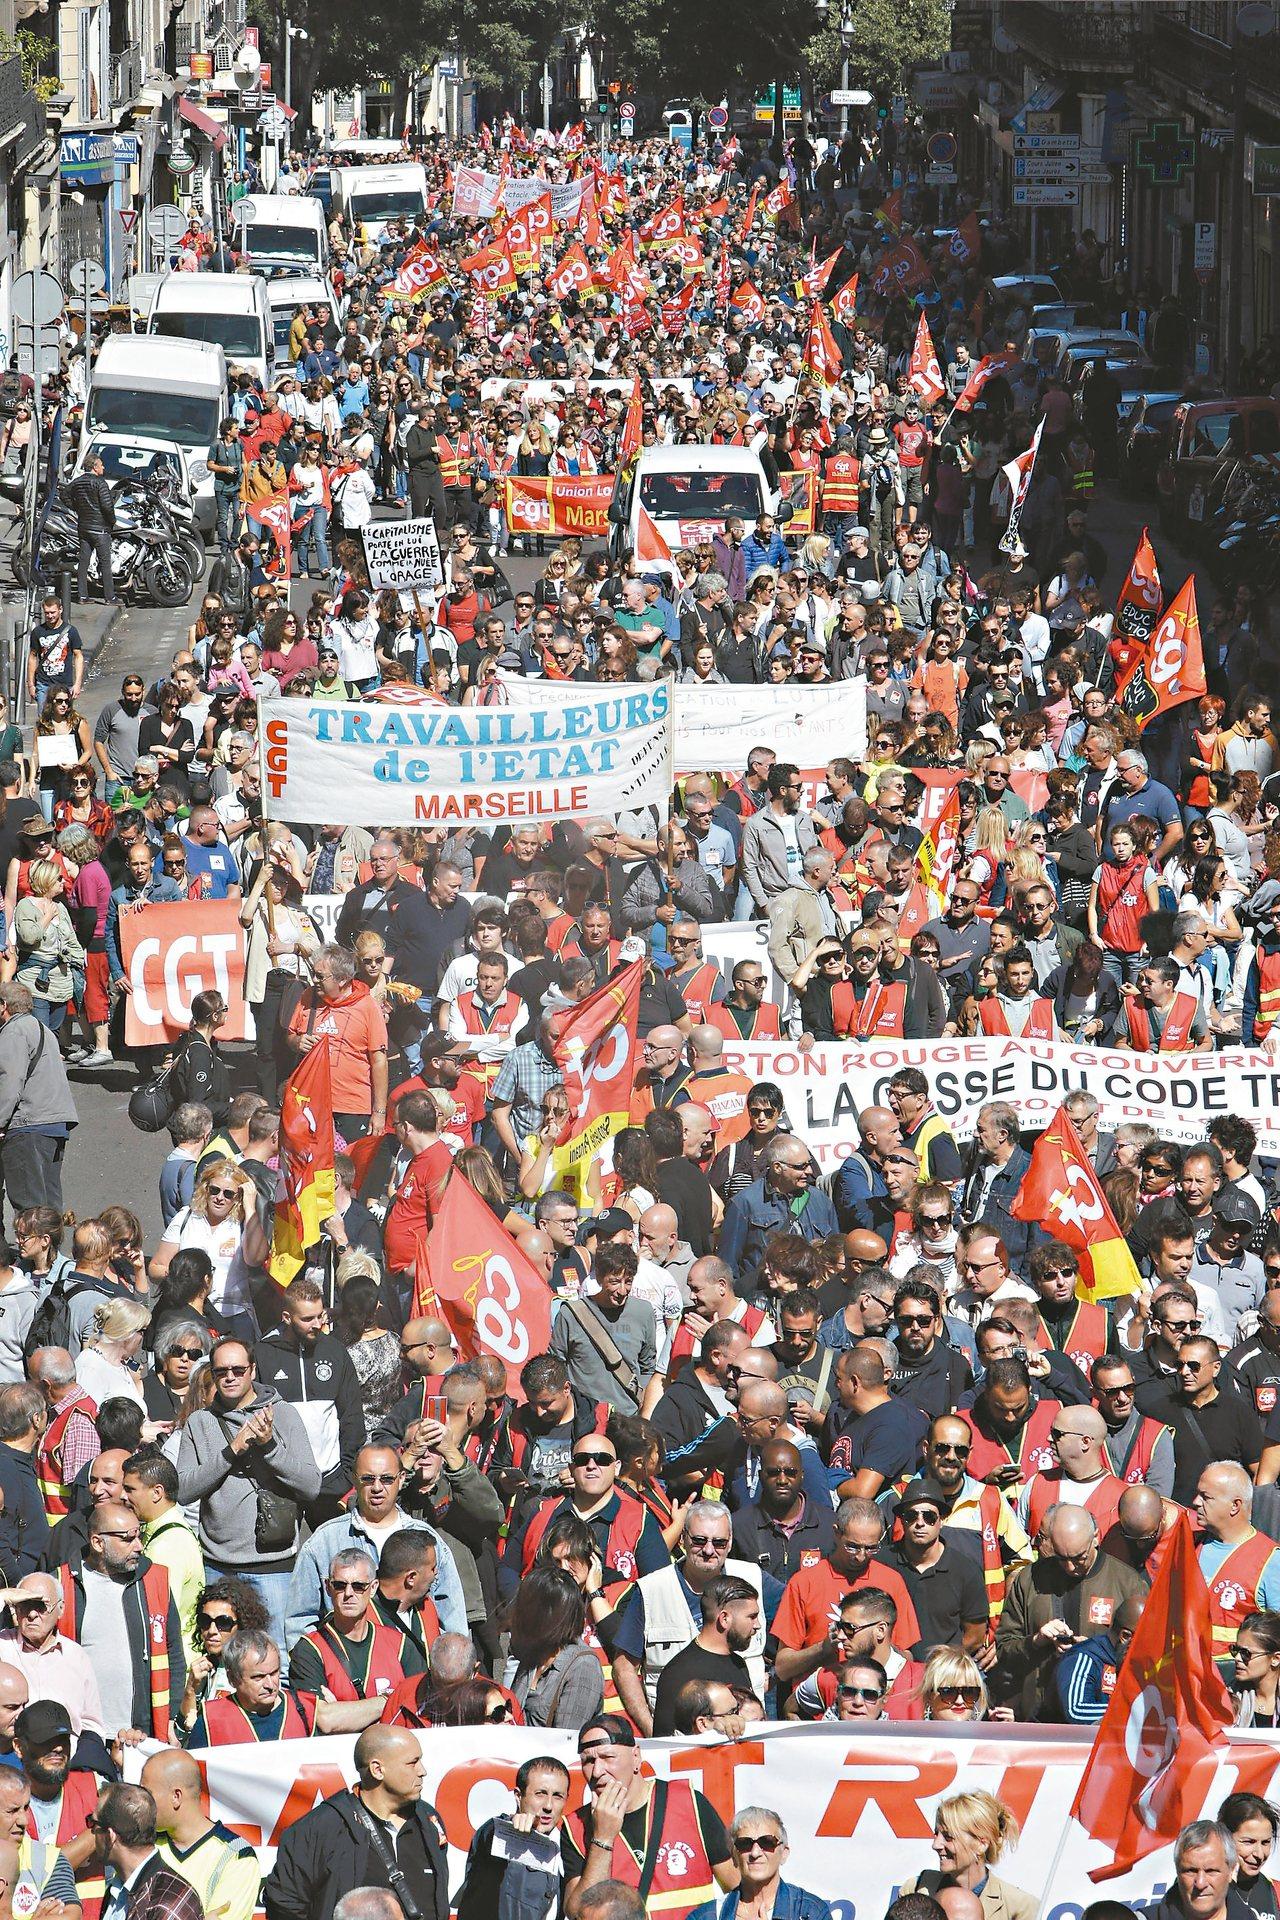 大批民眾十二日在法國南部大城馬賽抗議馬克宏總統的勞動改革政策。 美聯社